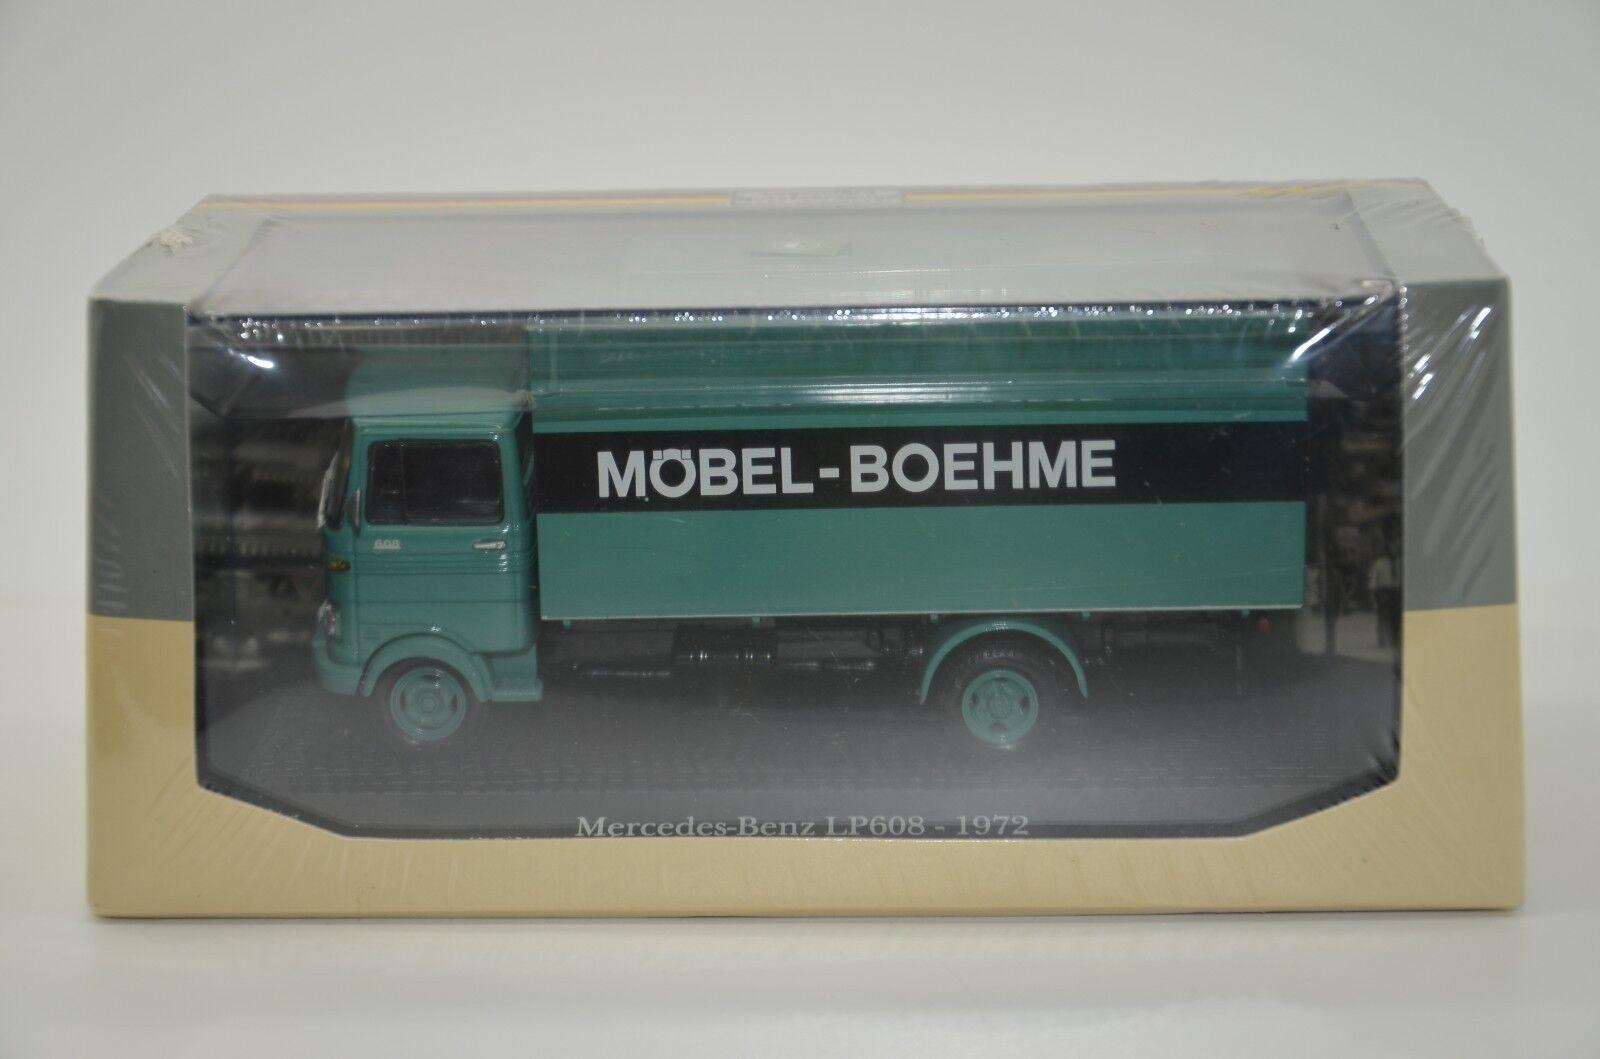 Rare   Mercedes LP608 Mobel - Boehme 1972 Atlas 1 43